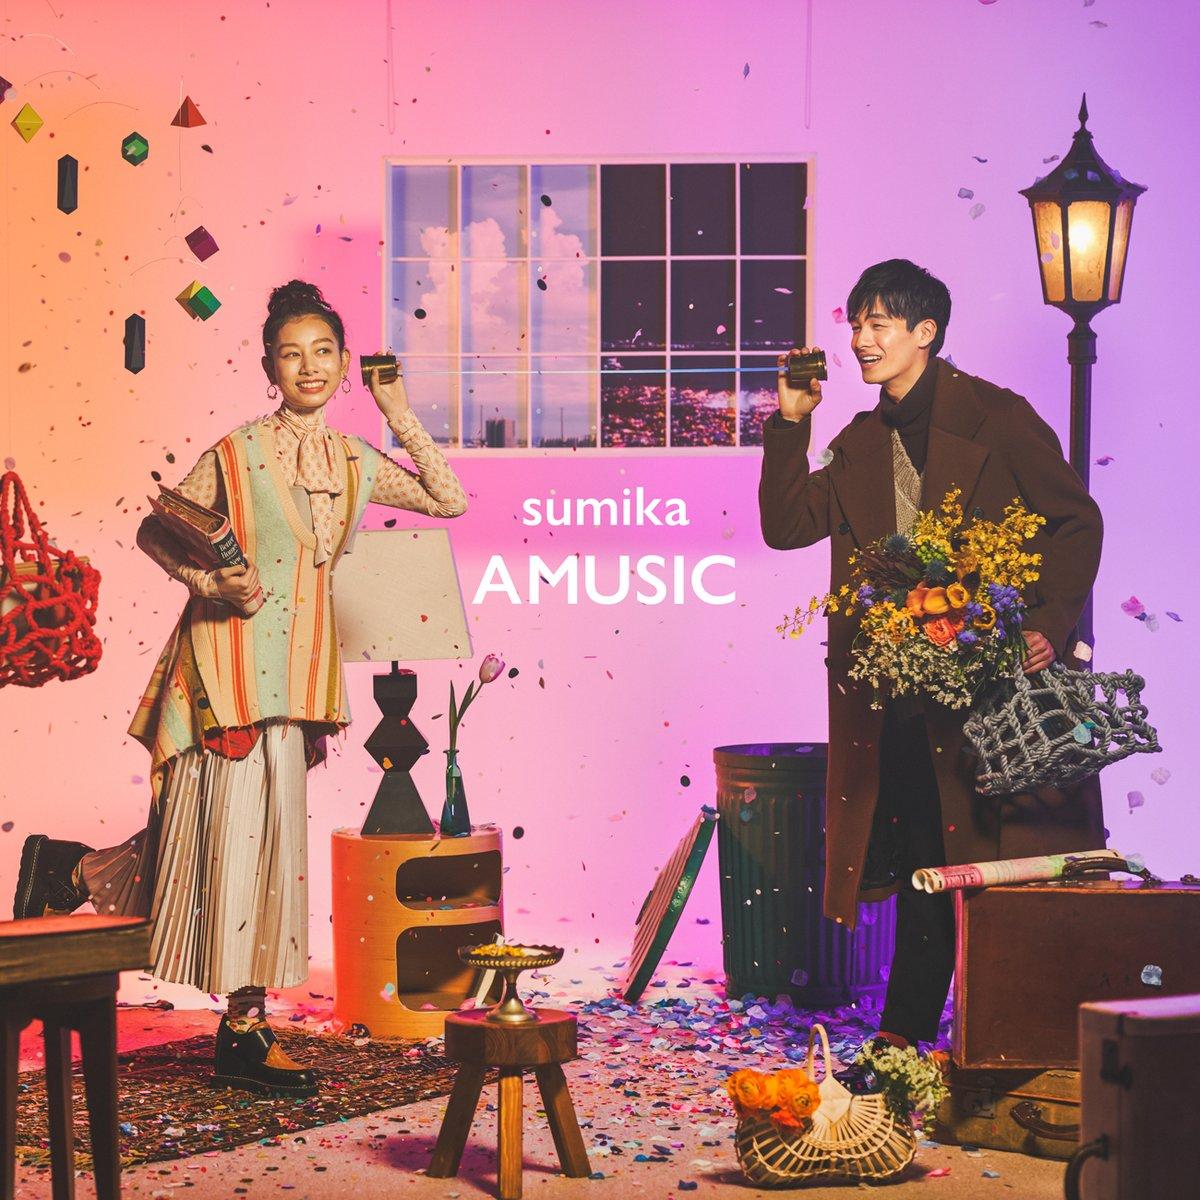 2021年3月3日リリース sumika 3rd Full Album『AMUSIC』ジャケットデザインを担当しました。アートワークの隅々まで、sumikaチーム一丸となって作り上げた作品です。特典のノートや、オリジナル配送BOXもデザインしましたので、こちらも是非ゲットしていただけたら嬉しいです!